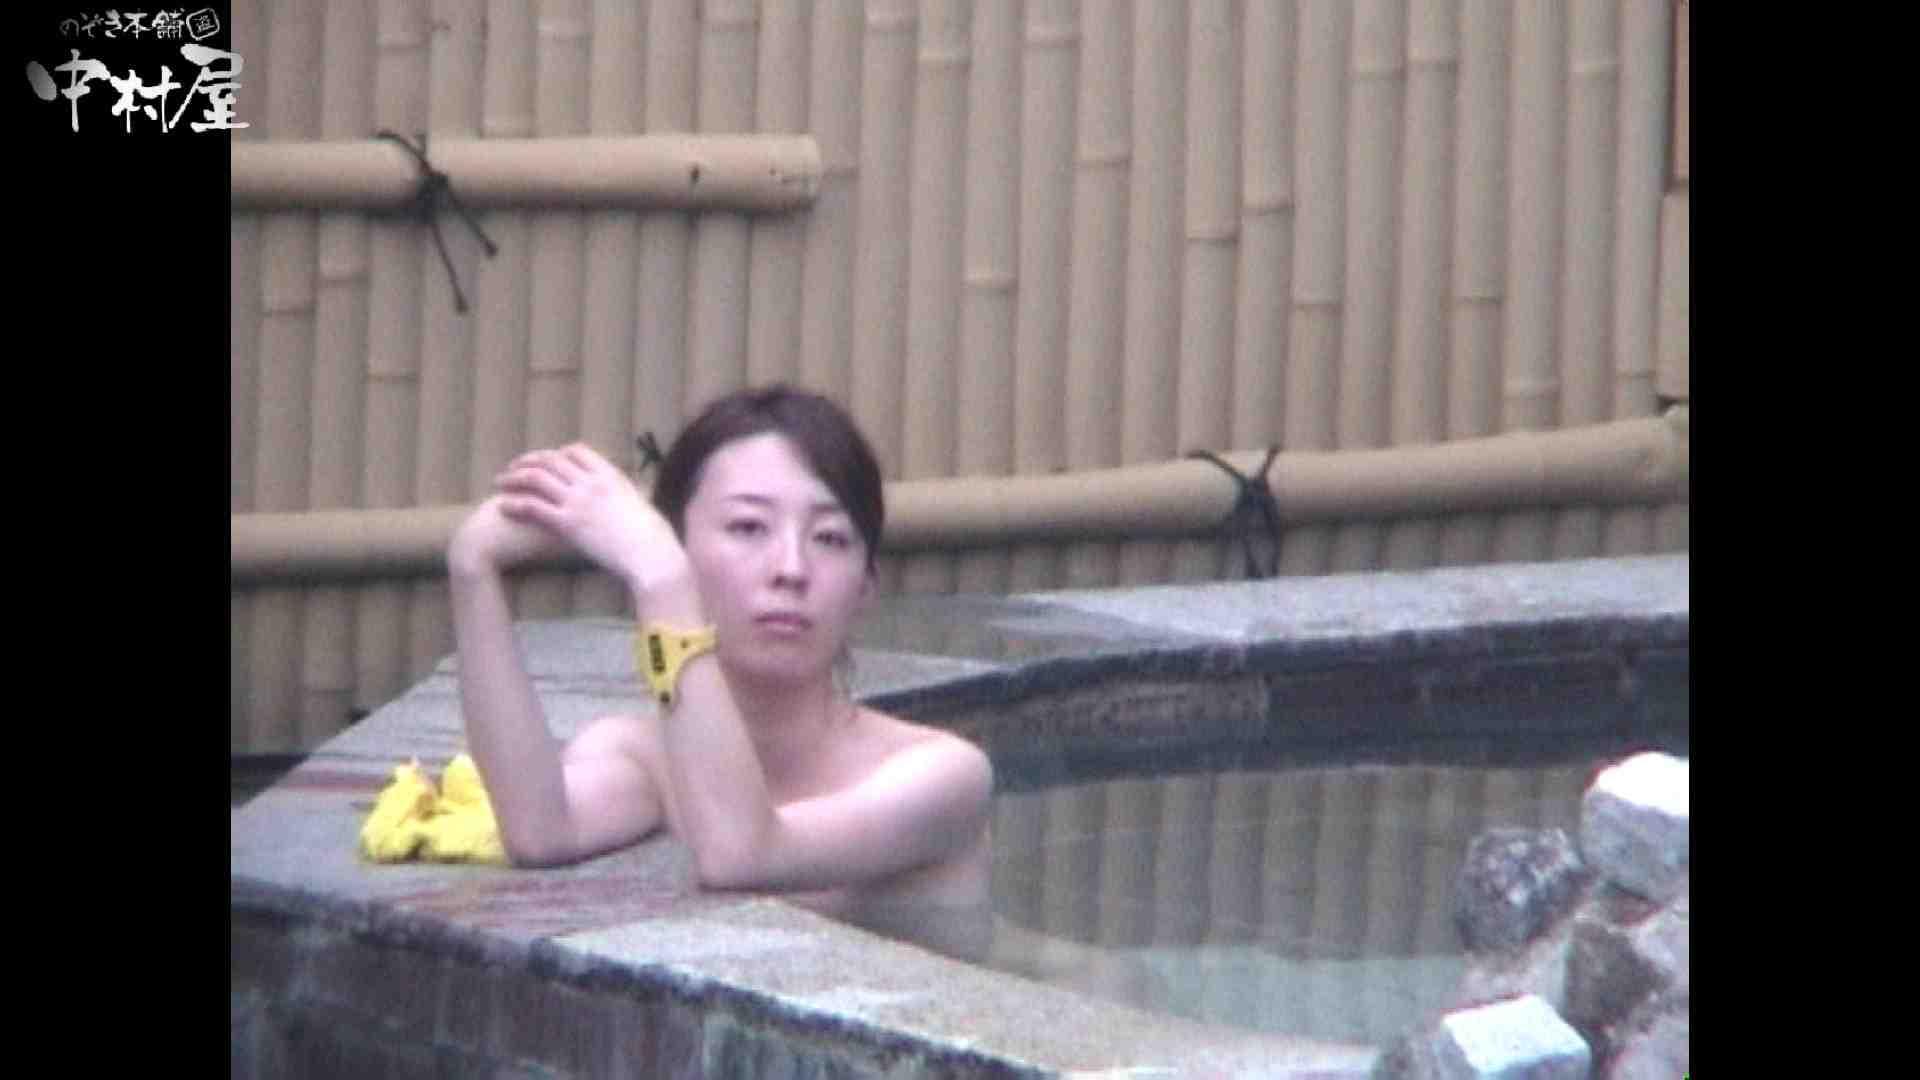 Aquaな露天風呂Vol.964 美しいOLの裸体   盗撮師作品  104pic 85